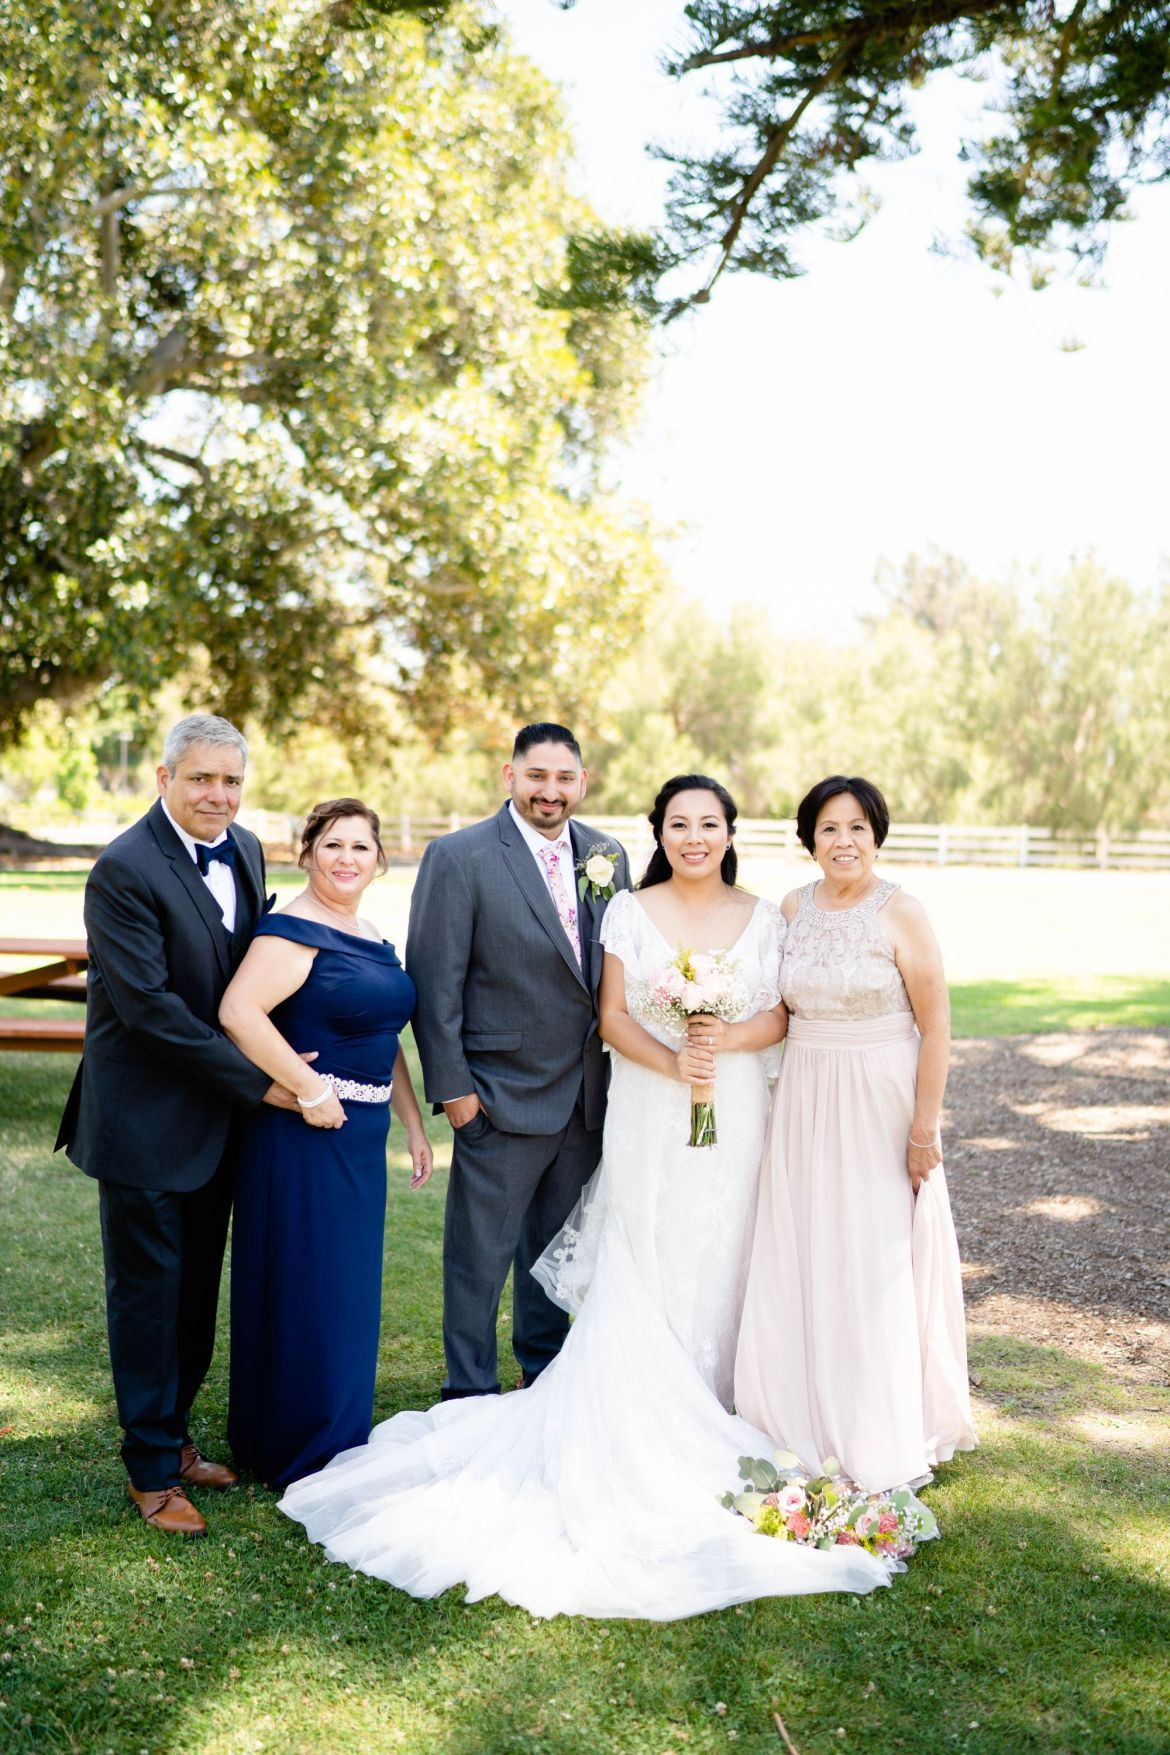 wedding at camarillo ranch house